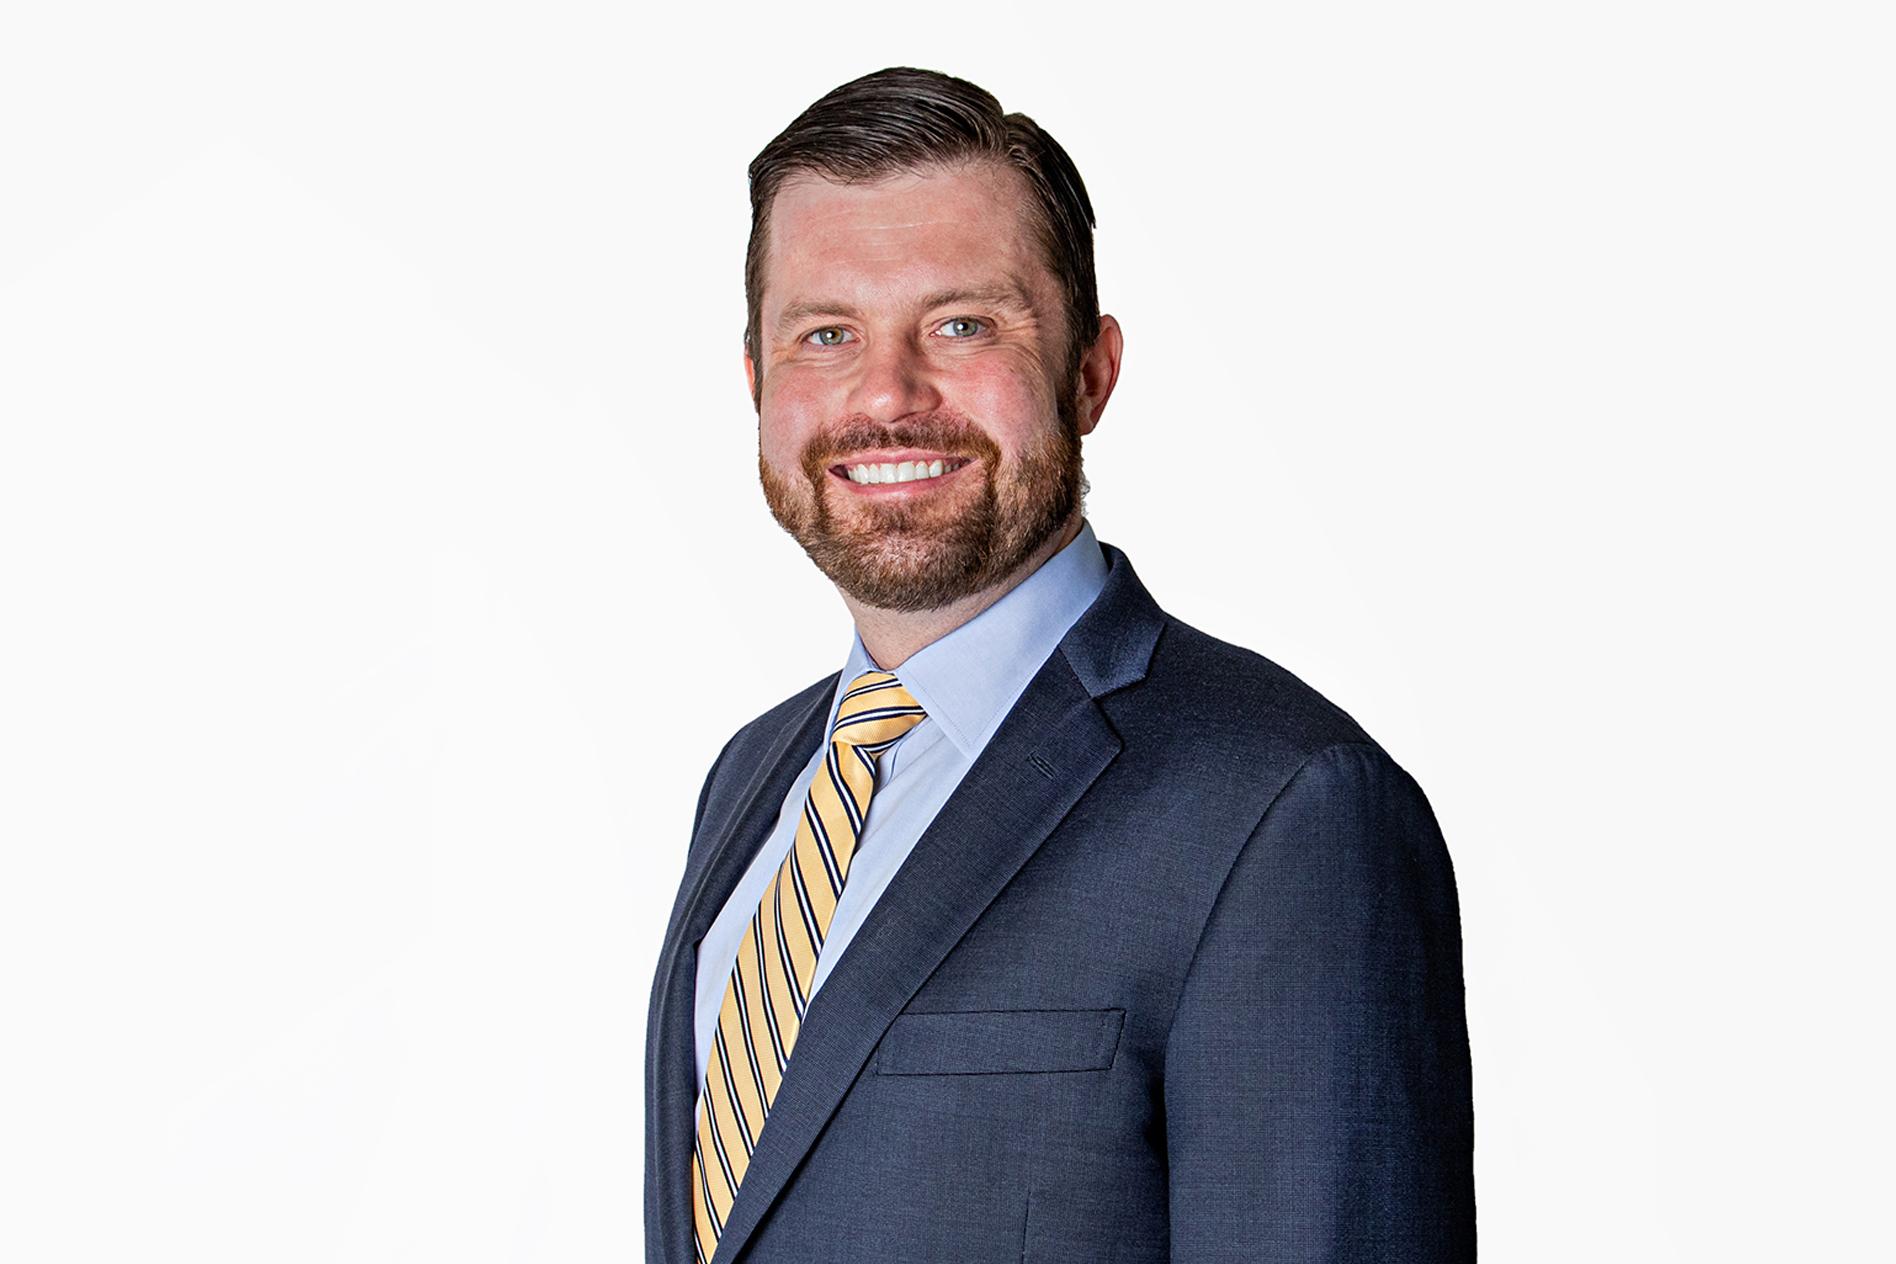 Ryan T. O'Malley